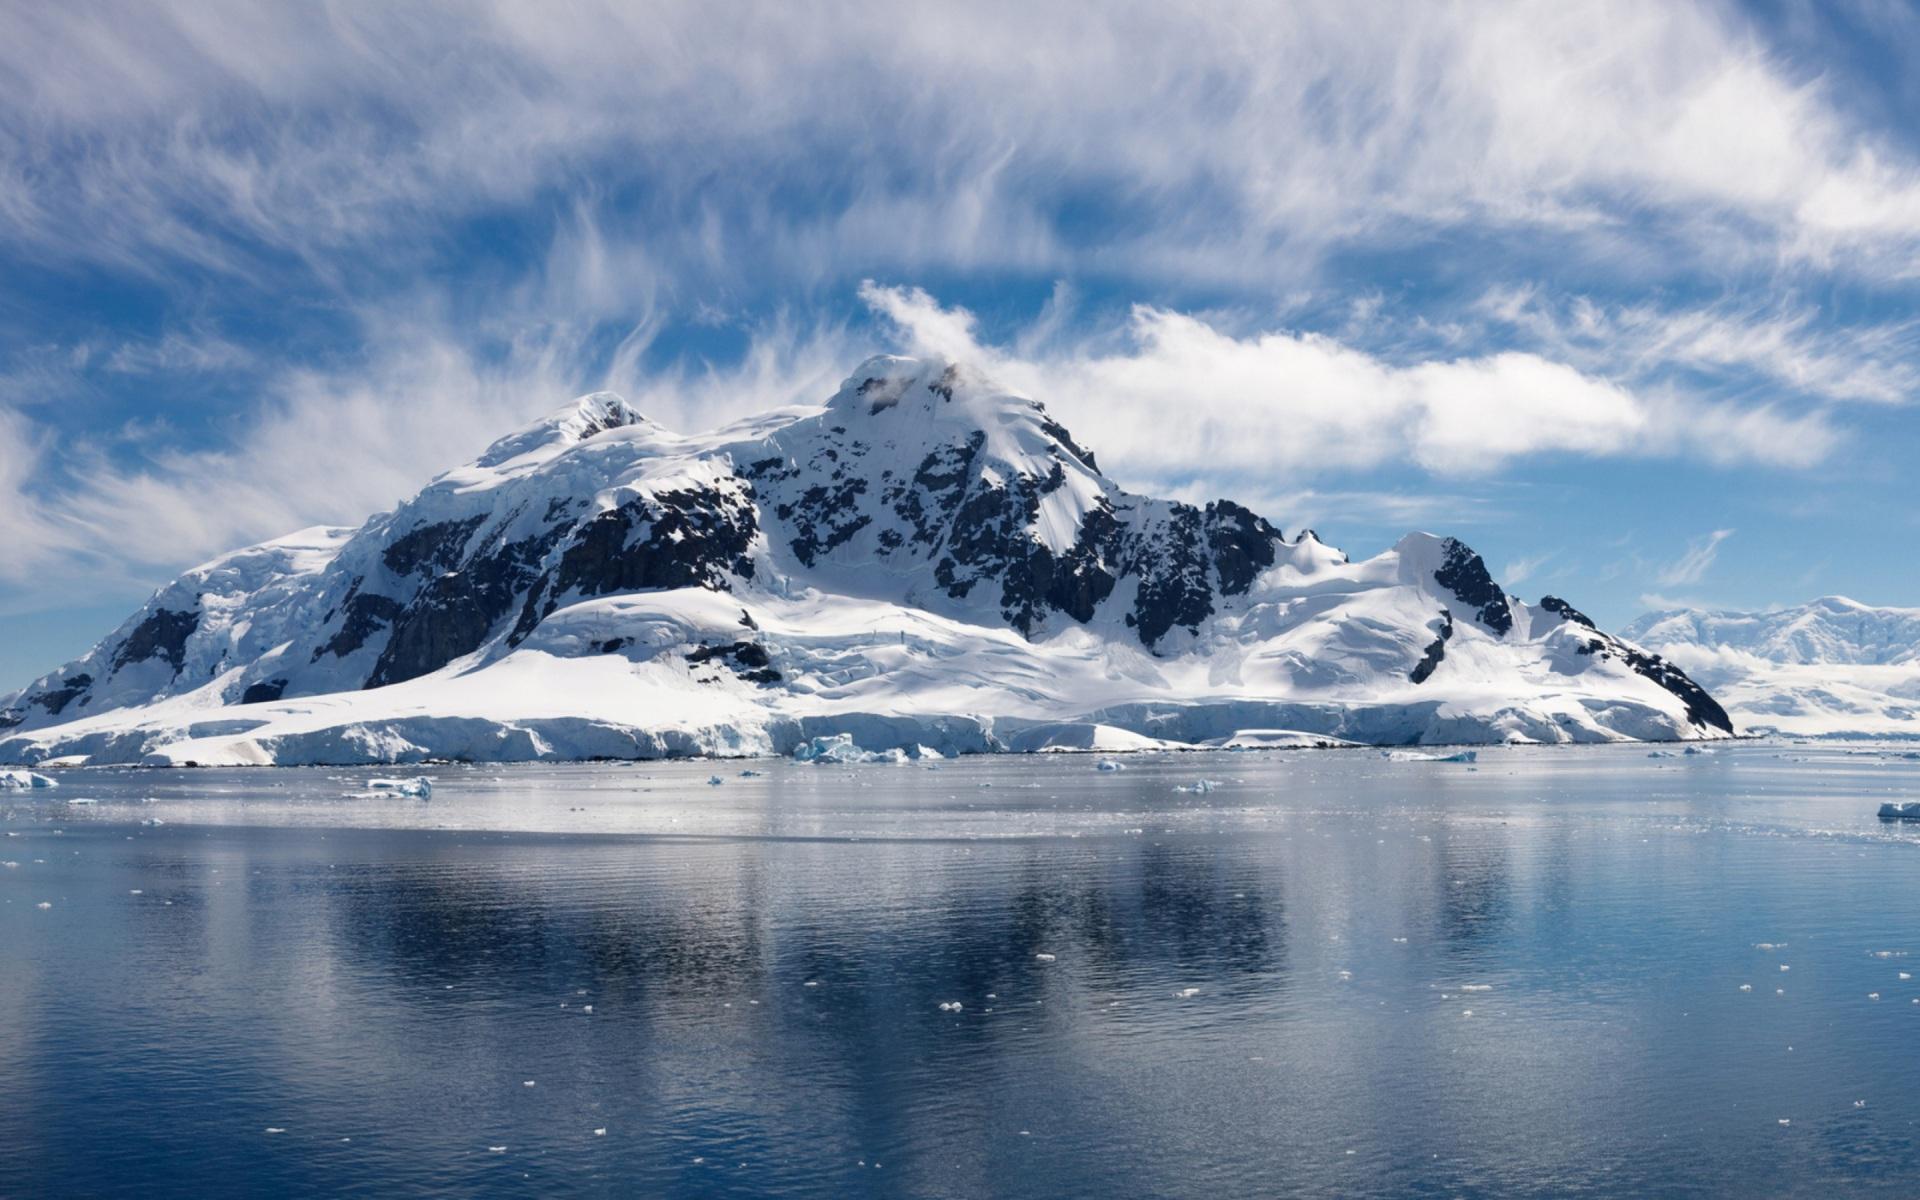 Ученые Коми прогнозируют в будущем не потепление, а глобальное похолодание